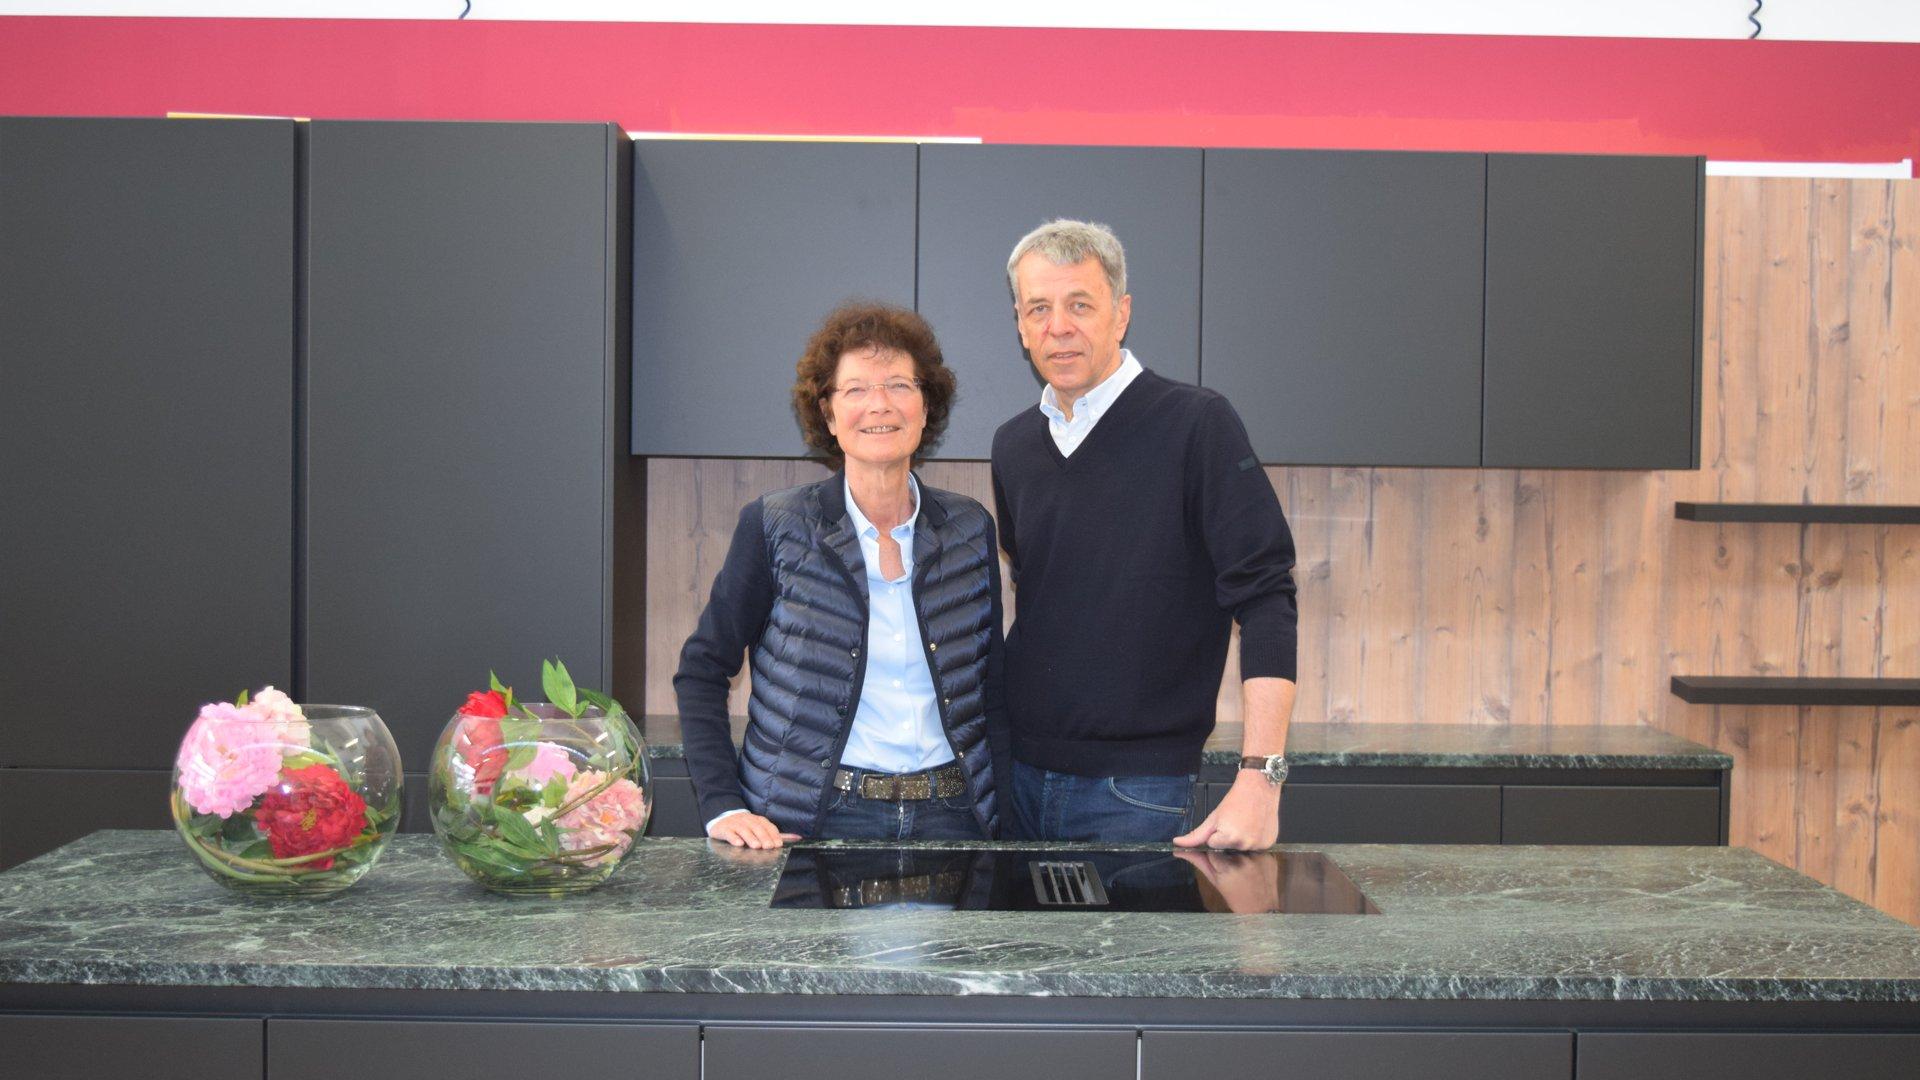 Barbara und Helmut Auernig Geschäftsführung des Miele Center Markant